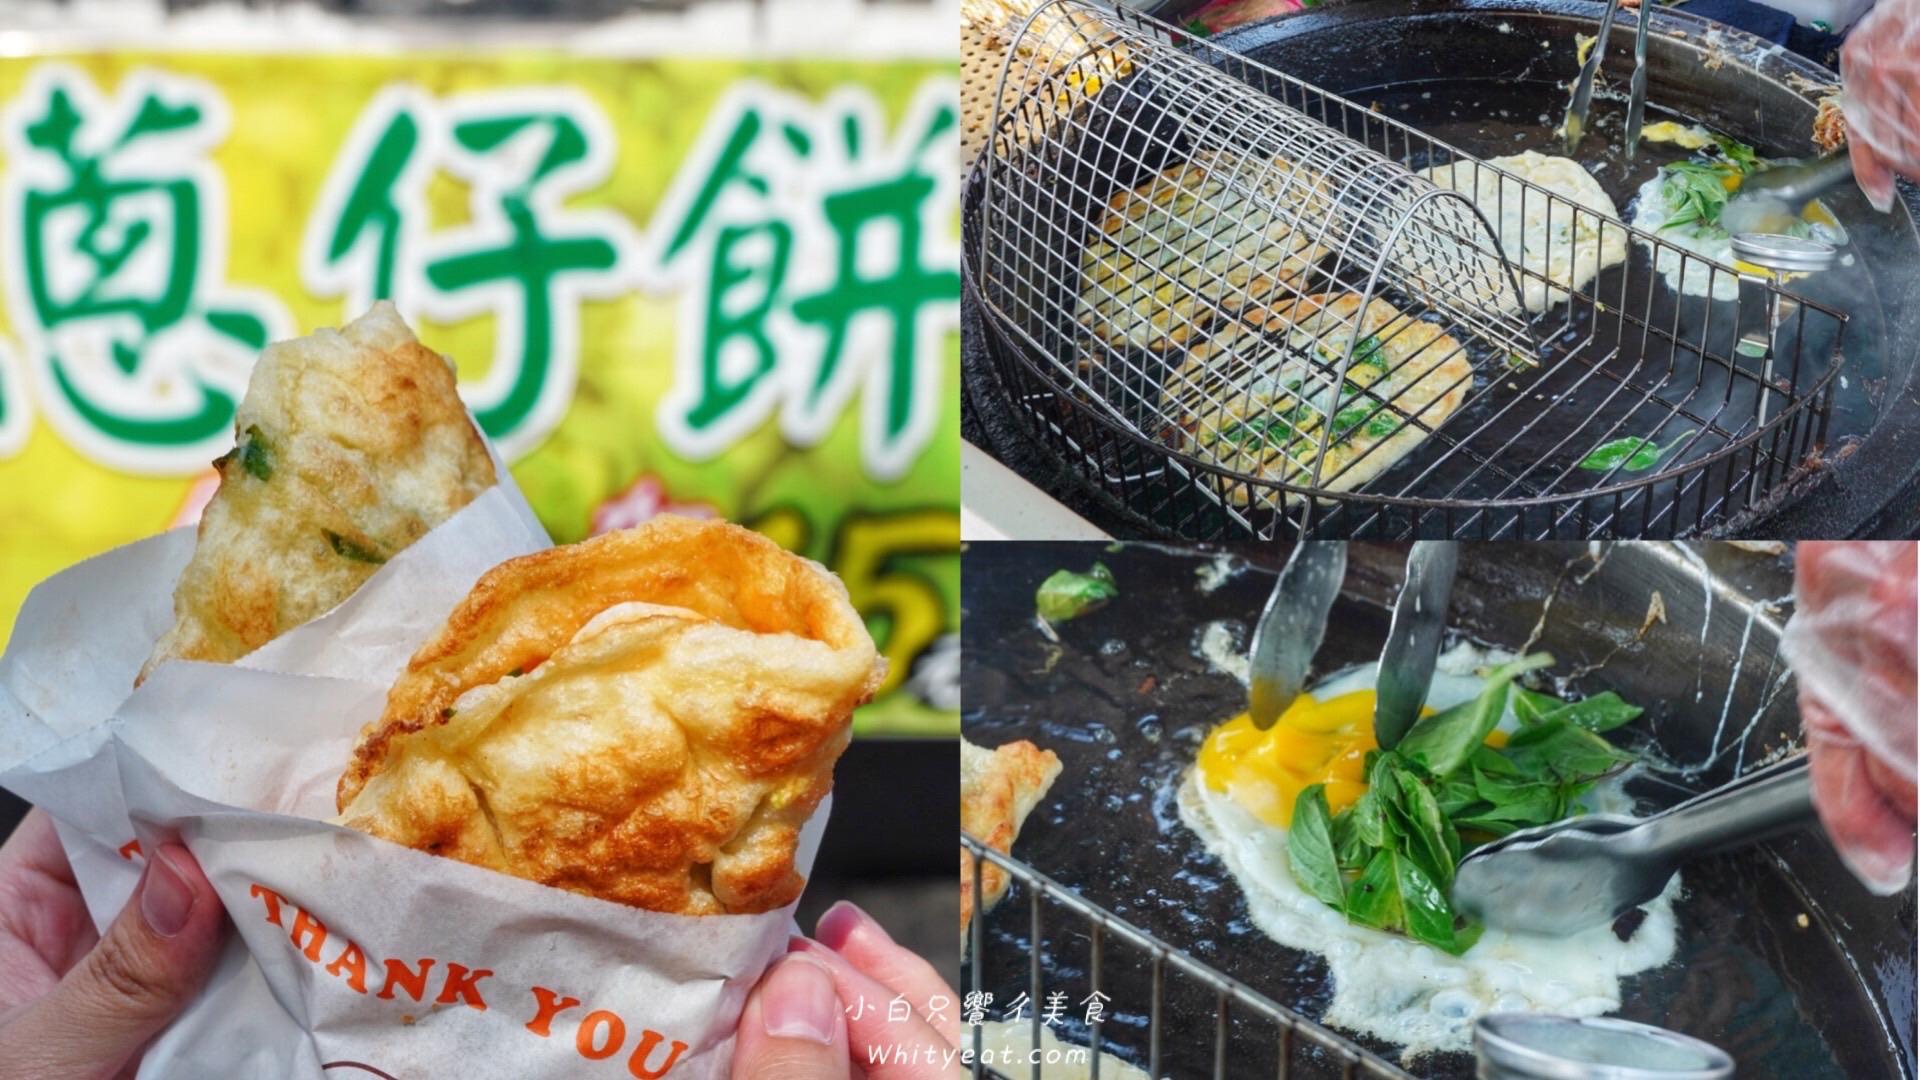 【台南美食】 灣裡蔥仔餅 挑戰全台最便宜!蔥油餅+九層塔+蛋才15元佛心價 每日限量200份 晚來就吃不到